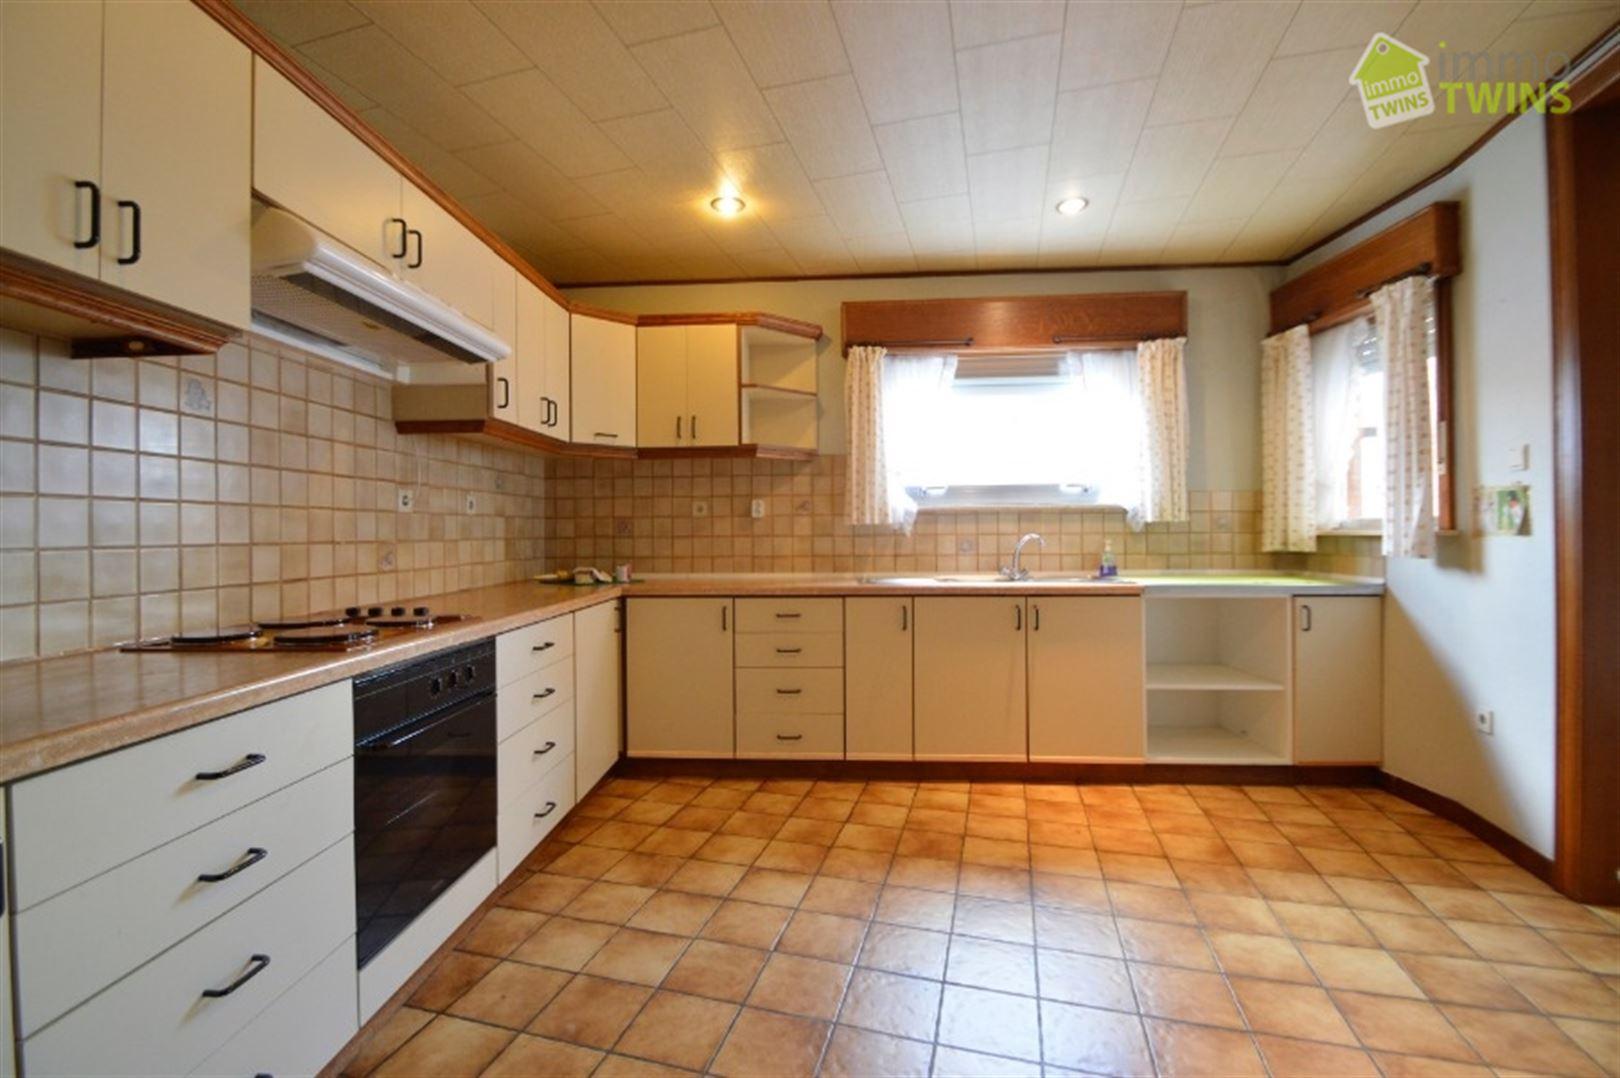 Foto 7 : Appartement te 9200 Oudegem (België) - Prijs € 700